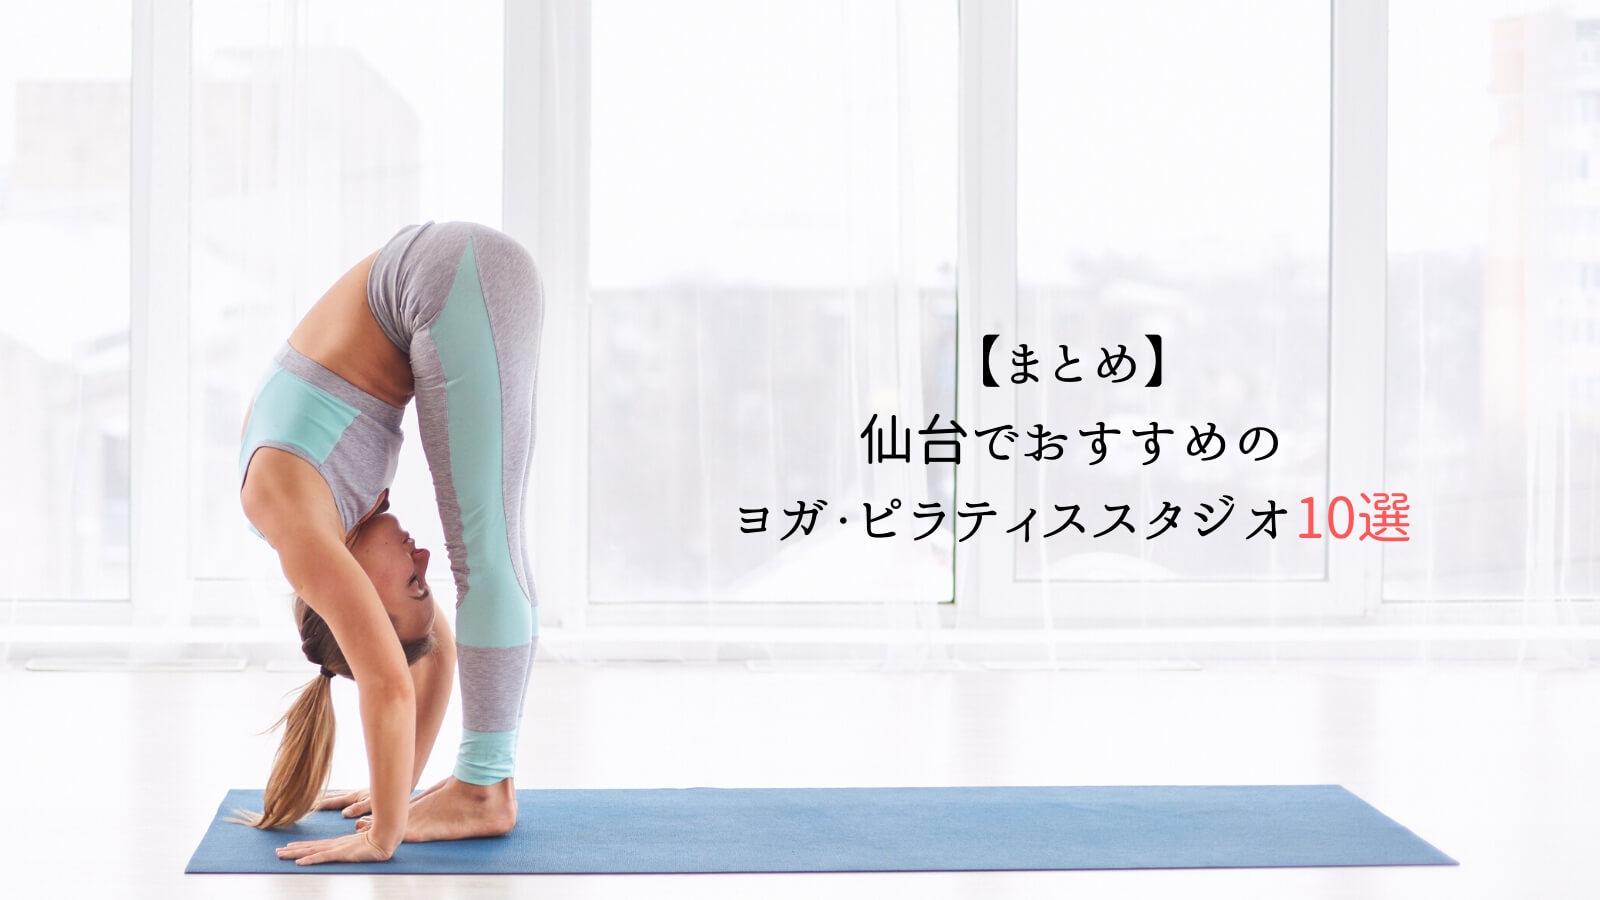 【まとめ】仙台でおすすめのヨガ・ピラティススタジオ10選